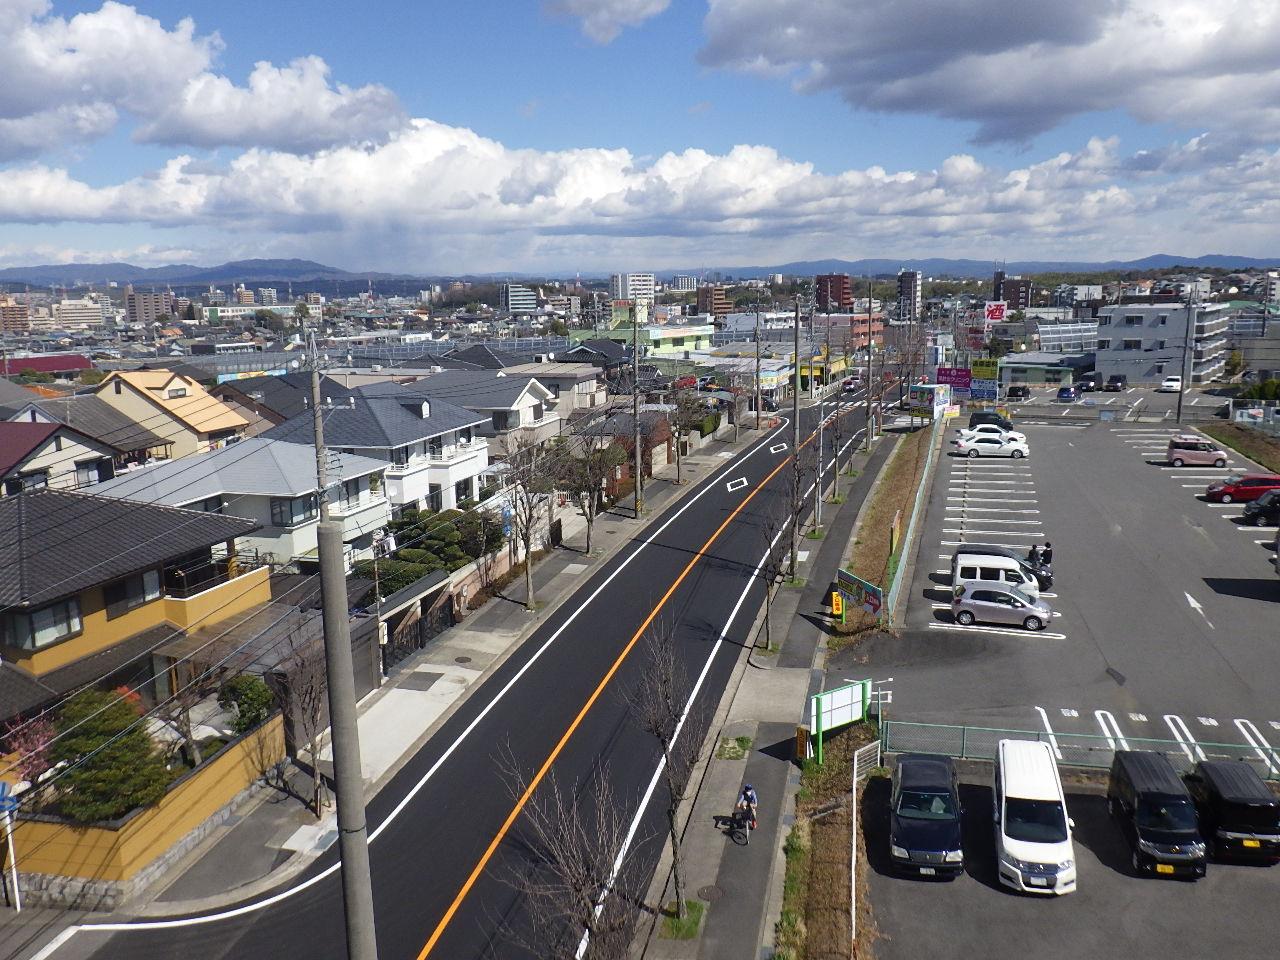 市道平針原第15号線始め2路線舗装道補修工事(天-1)及び交通安全施設整備工事(天-6)